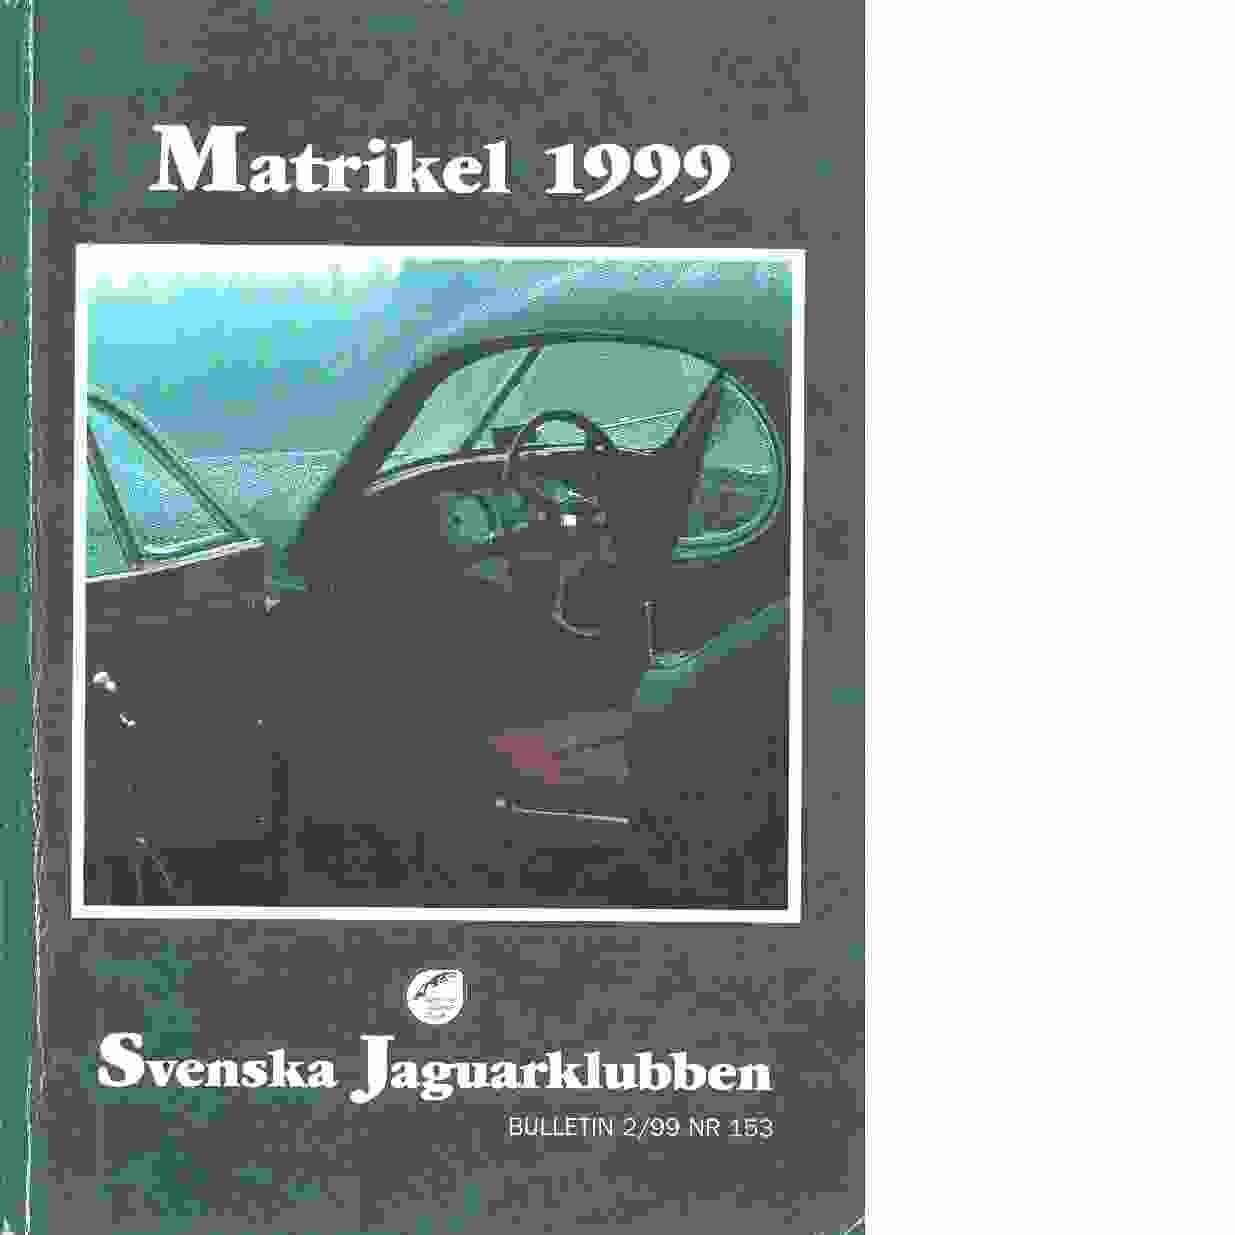 Svenska Jaguarklubben : Matrikel 1999 - Red.